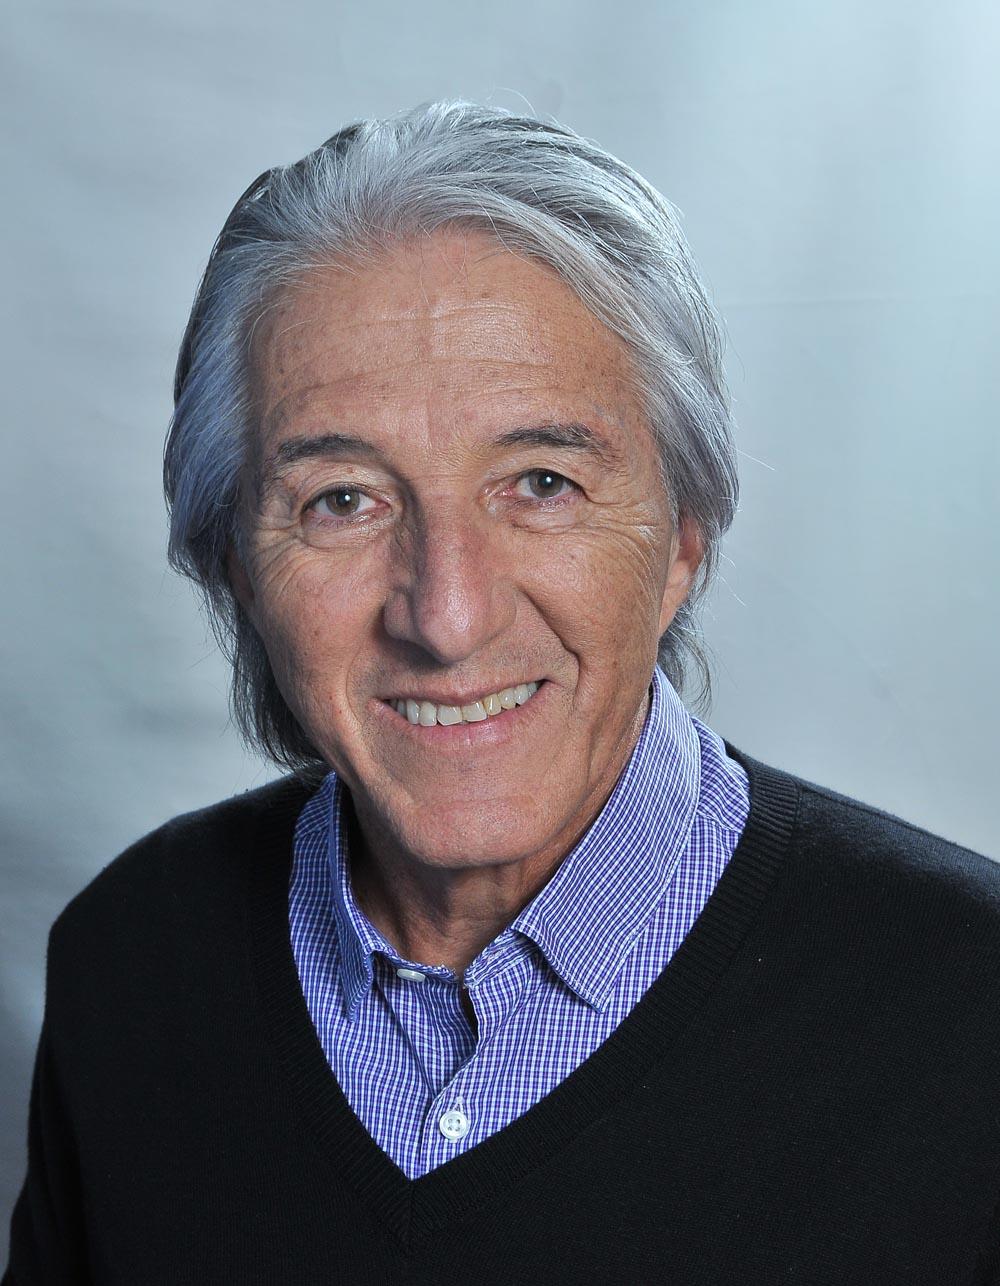 RicardoSaenz